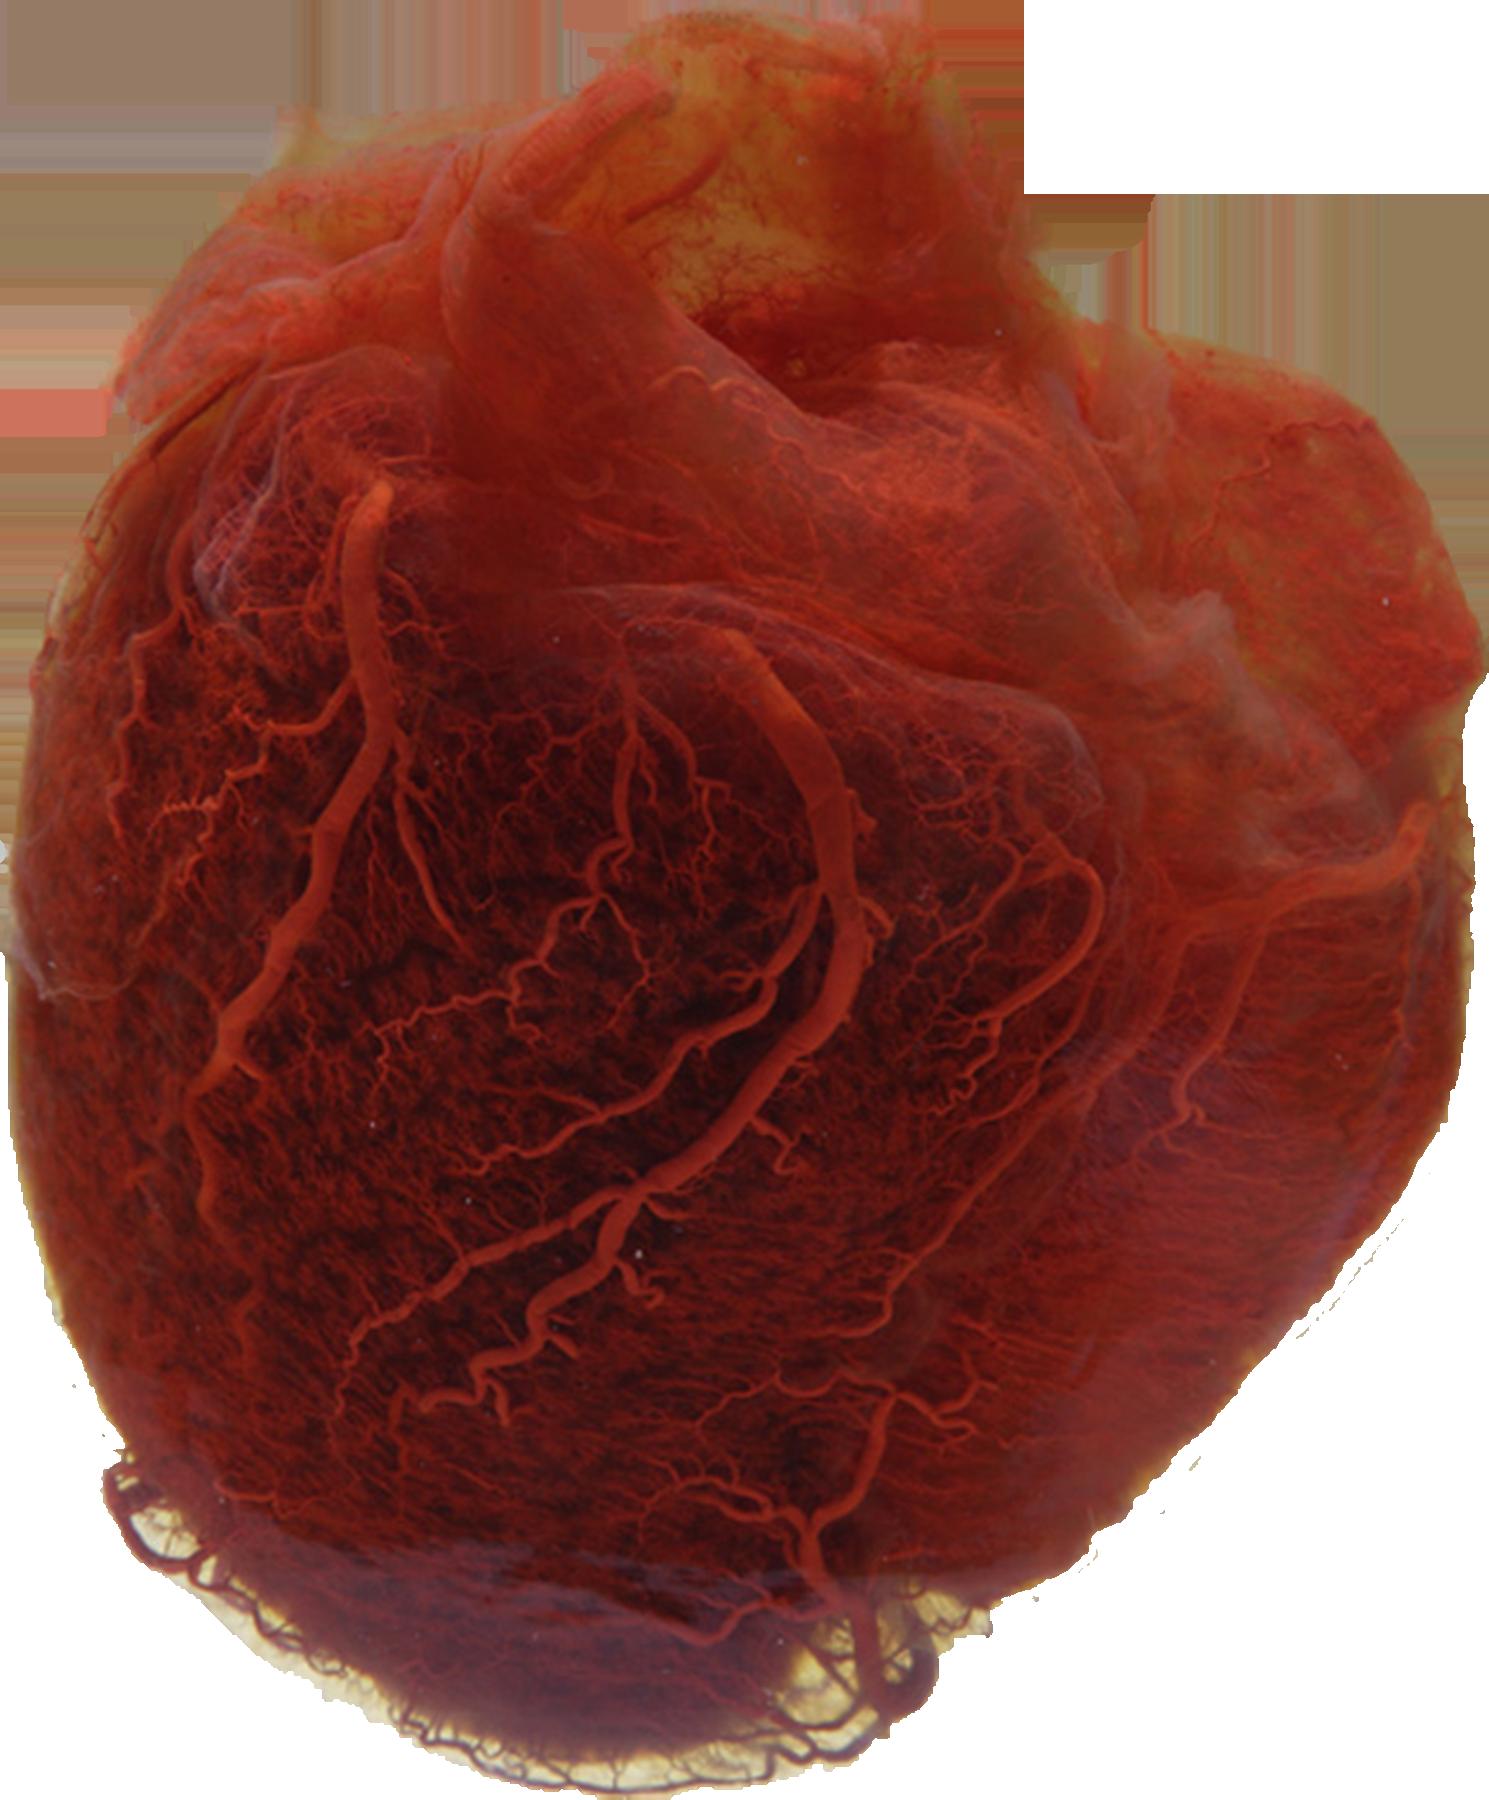 vasculatura del corazon.png